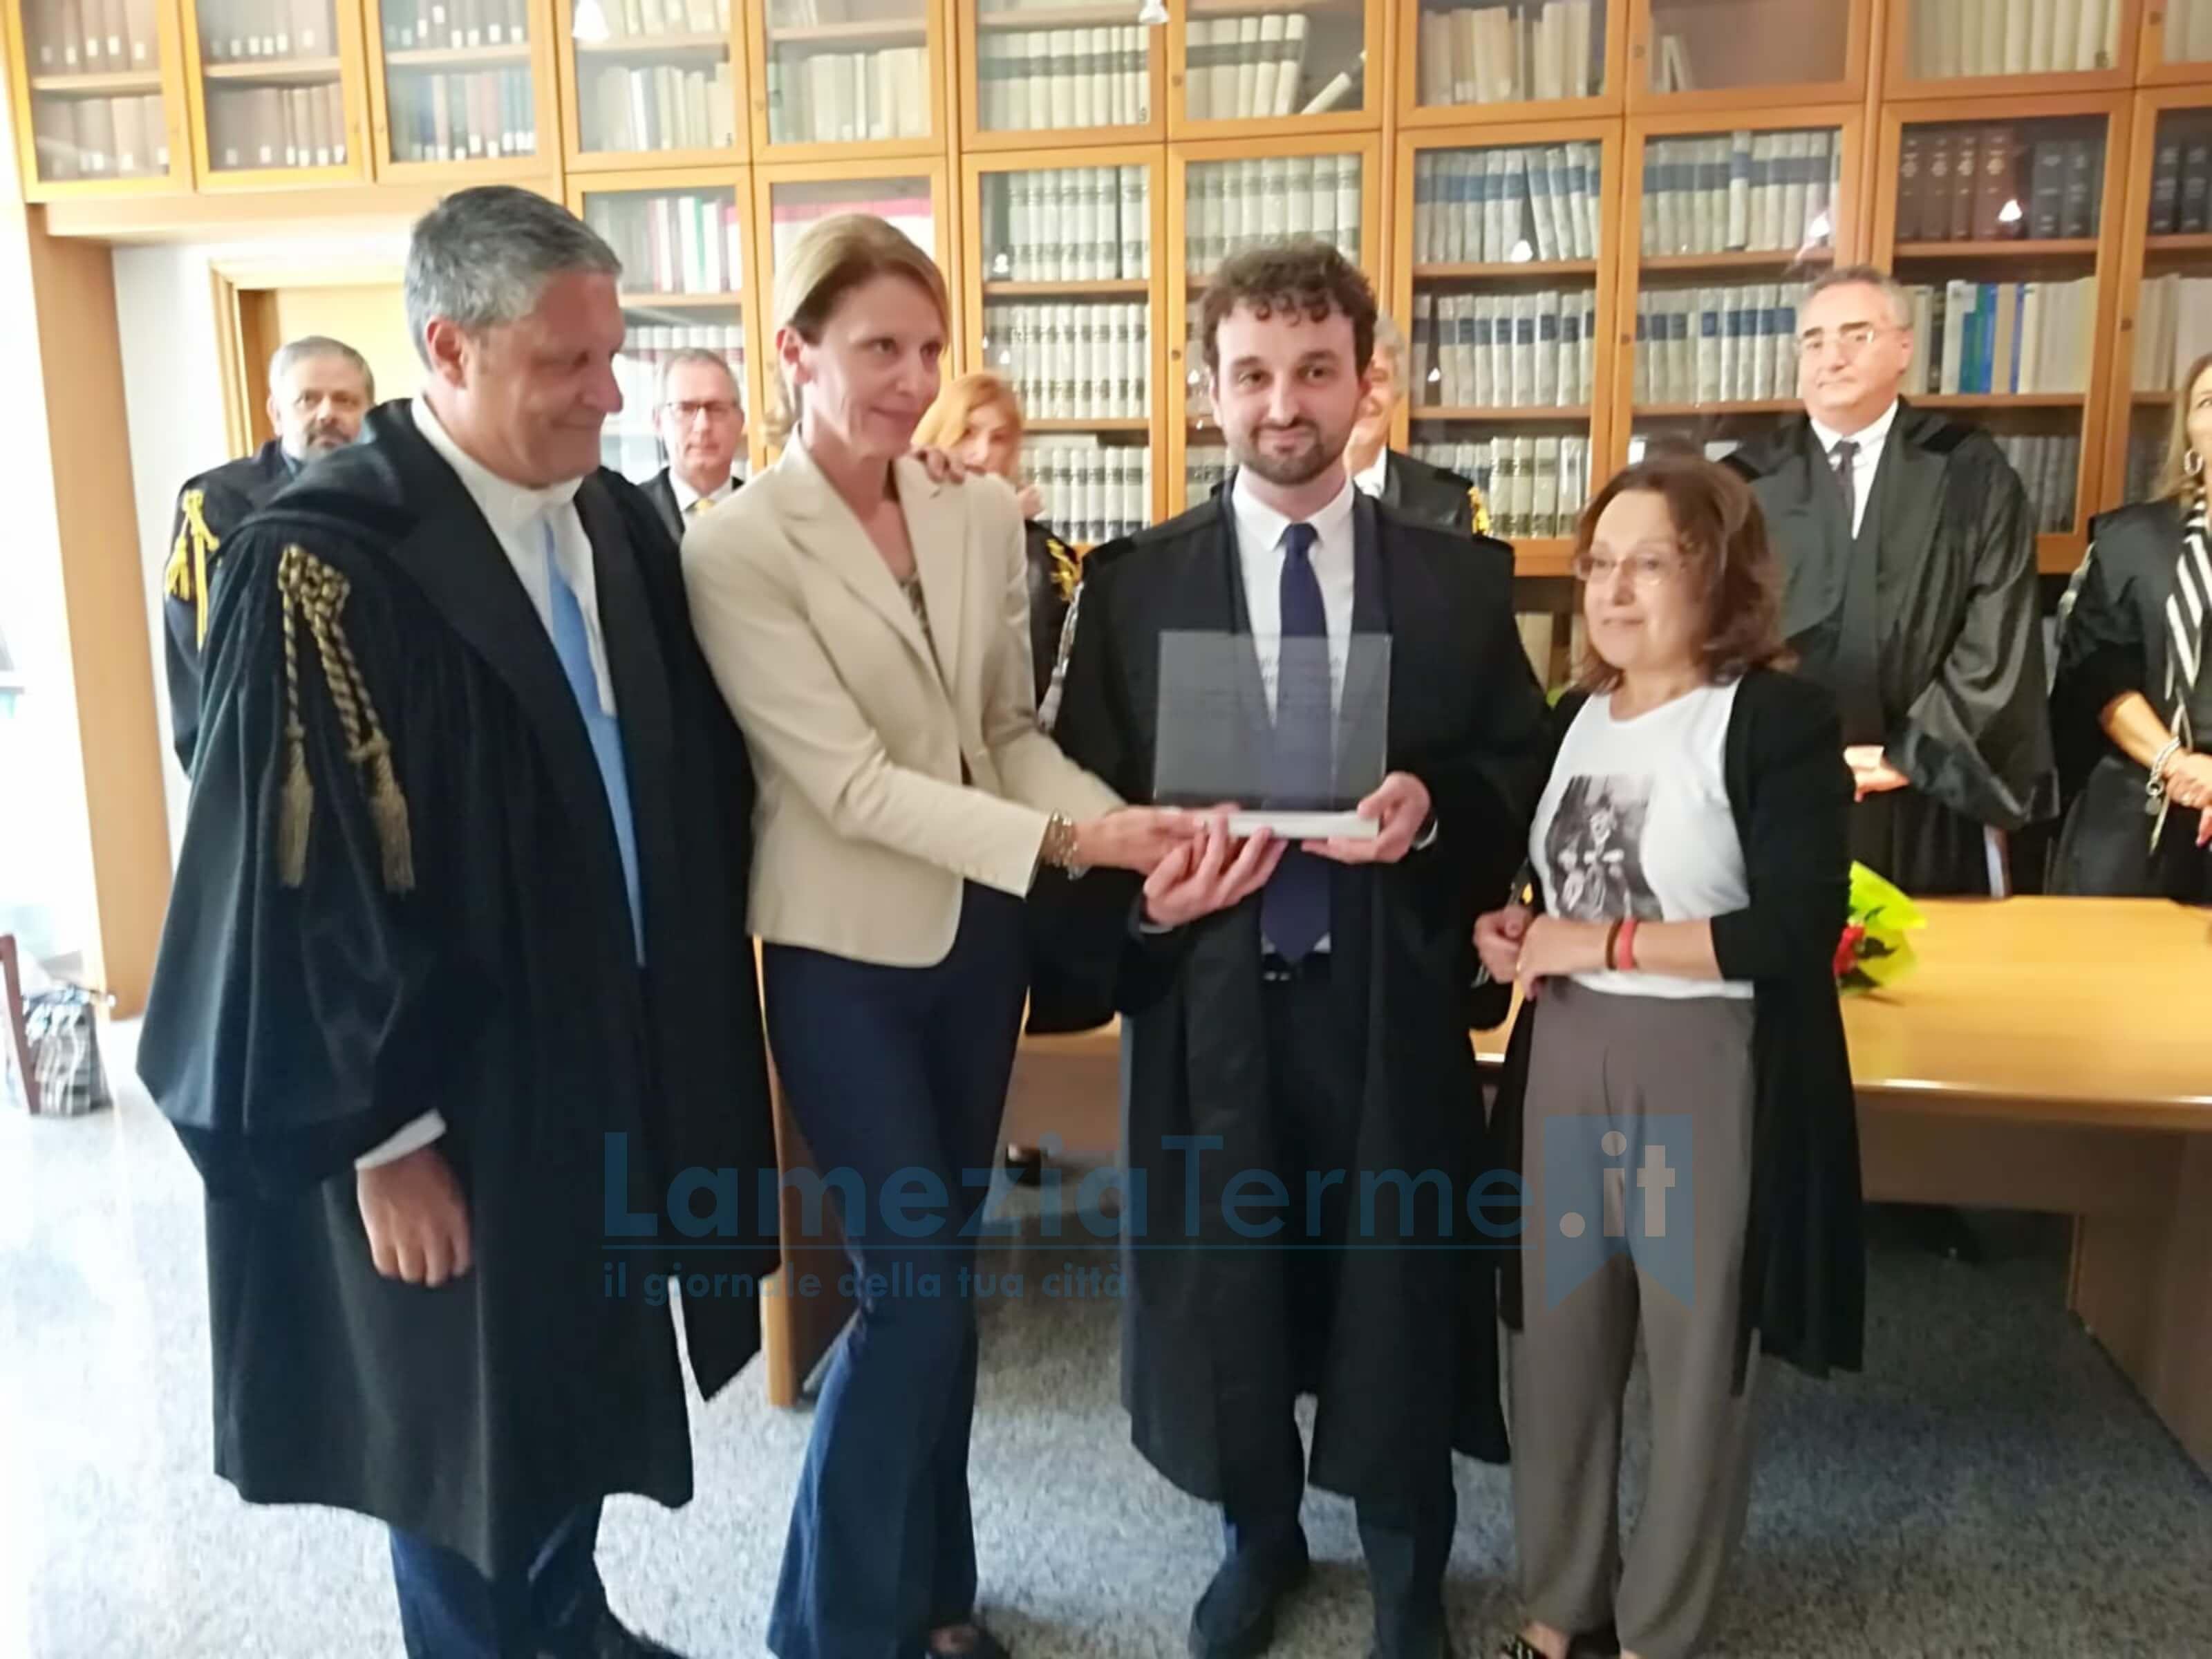 Consegnata all'avvocato lametino Giovanni Strangis la borsa di studio in memoria di Carlo Mauro